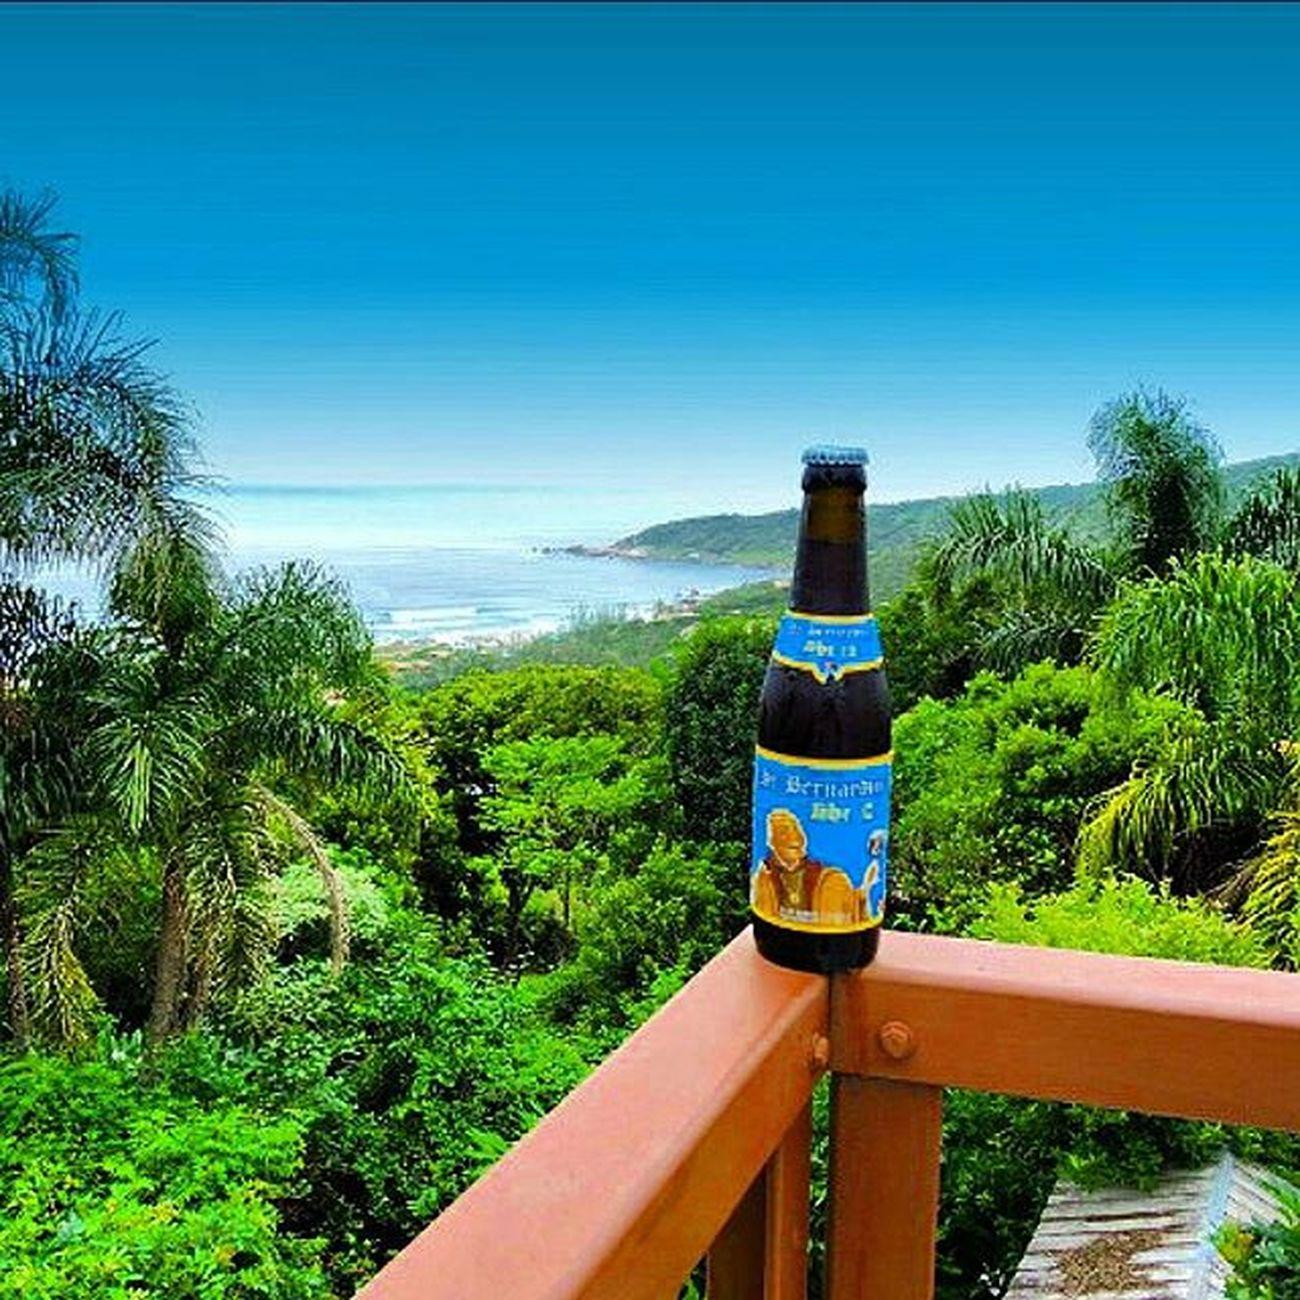 🍺 St Bernardus Abt 12 🍺 É uma Belgian Quadruppel, e é o orgulho da cervejaria. Foi a terceira da linha de receitas feita sob encomenda para a Westvleteren por 46 anos. Essa cerveja é considerada uma das melhores do estilo, tem 100 pontos no Ratebeer. Uma cerveja muito equilibrada, com um sabor encorpado e um perfeito equilíbrio entre malte, amargo, e doce. País: Bélgica Graduação alcoólica: 10,5% Stbernardusabt12 Stbernardus Quadrupel 9ninebeers Cheers Cerveja Beer Beers Beergarden  Beerlove Craftbeer Pivo Beerpics Beerlife Beergasm Beersnob Cerveza Craftbrew Birra Instabeer Instacerveja Beerstagram Craftbeerlife Cervejaartesanal Beergeek beertimebeertographybeerpornbeernerdbeeroftheday